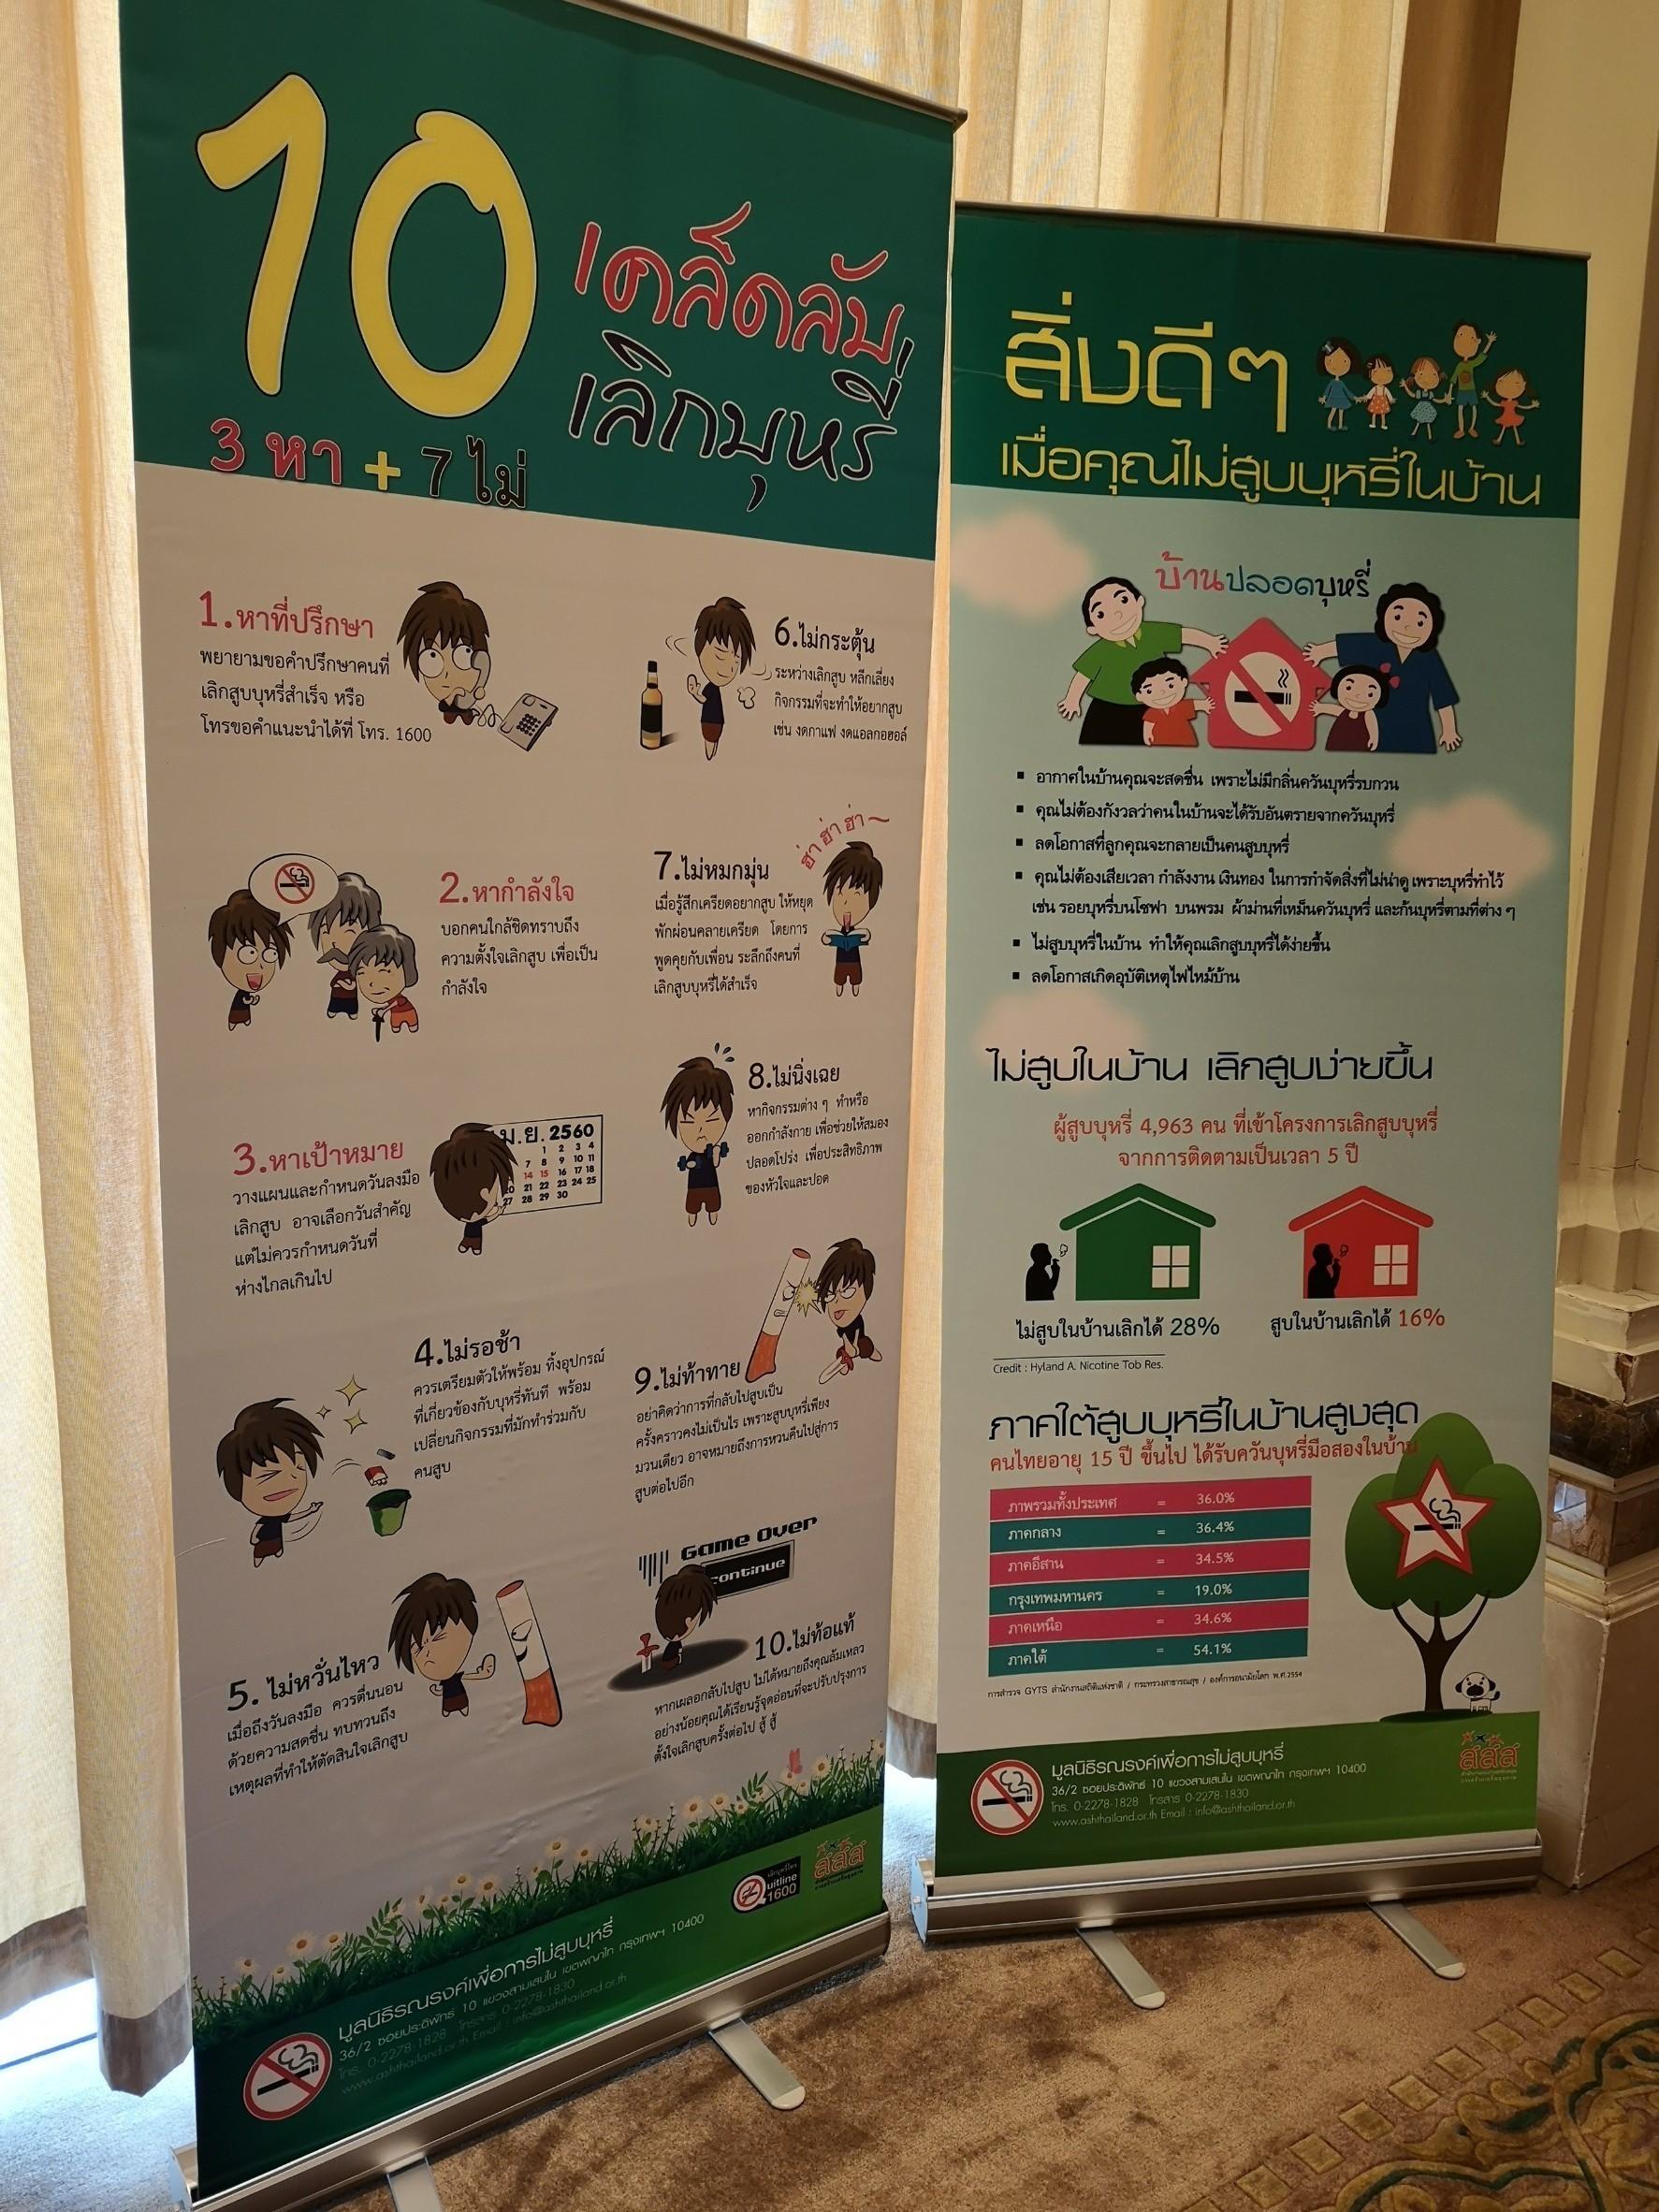 บุหรี่เผาปอด...คนไทยเสียชีวิตกว่า 4 หมื่นคน thaihealth